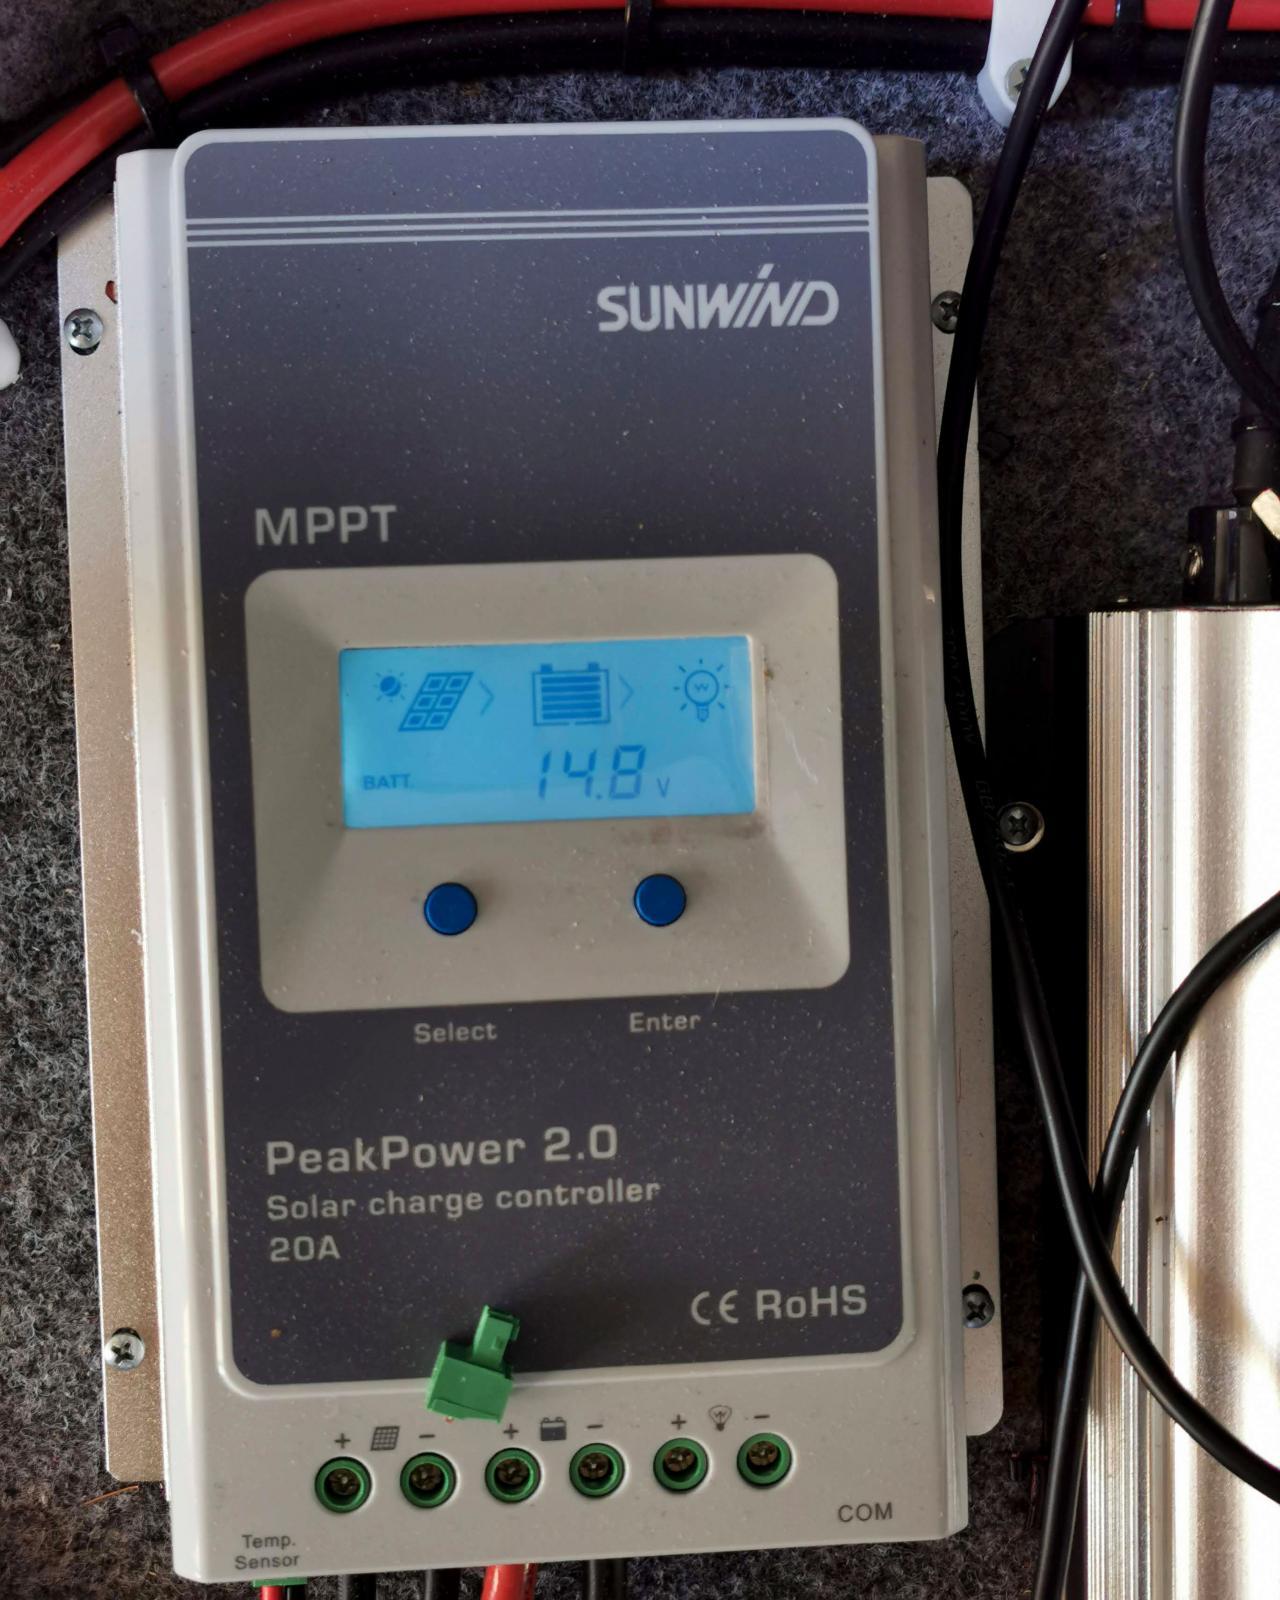 Lätt att glömma. Slå på solcellsregulatorn direkt.